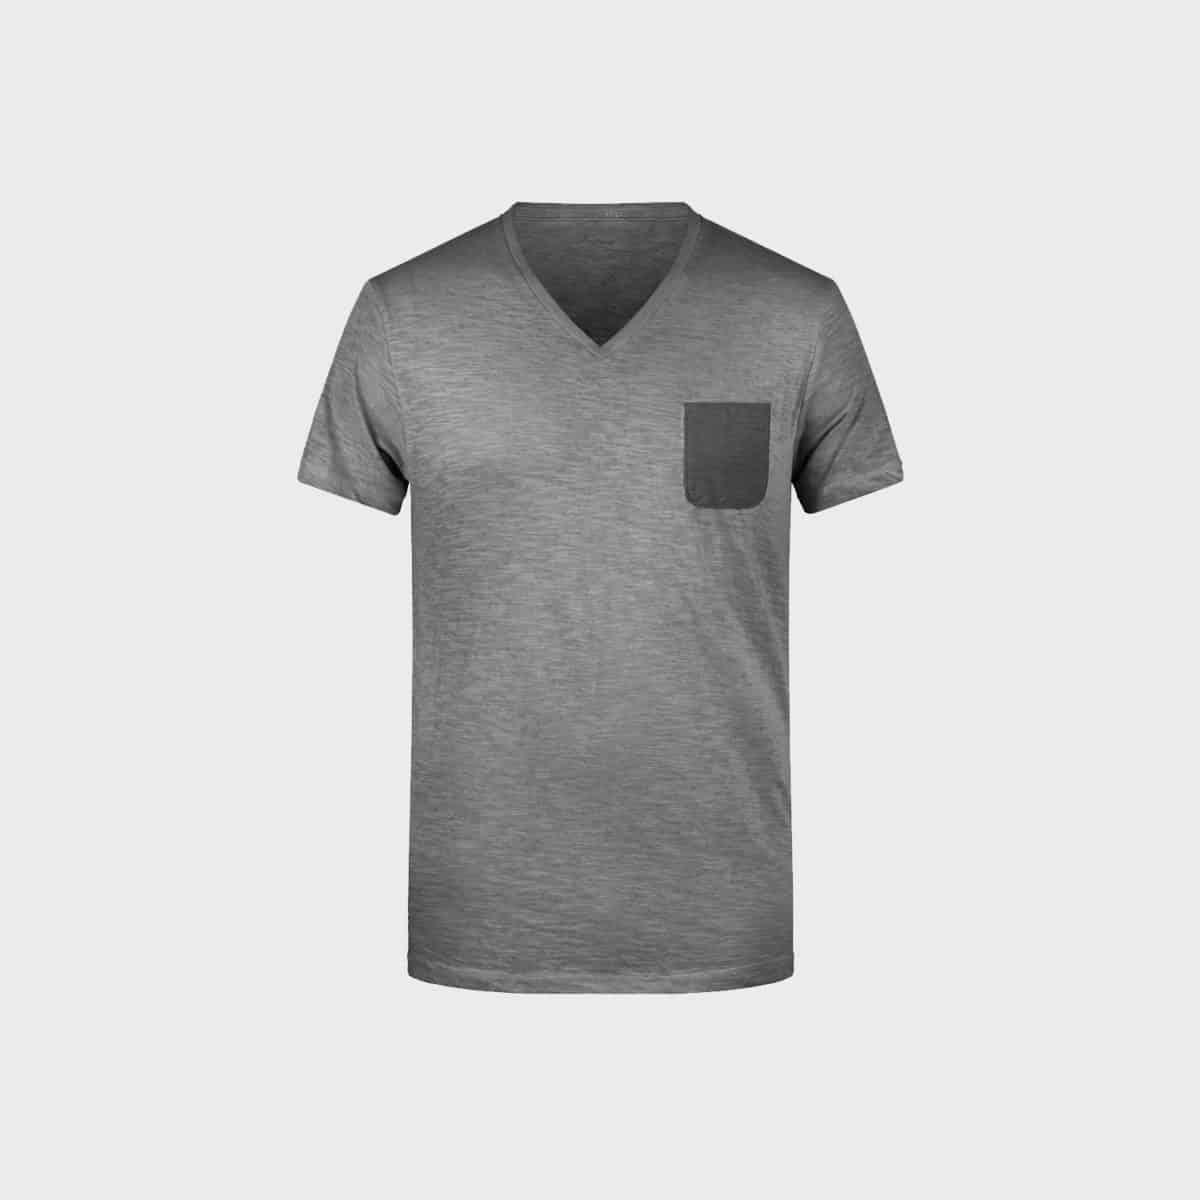 slub-t-shirt-men-bio-cotton-kaufen-besticken_stickmanufaktur